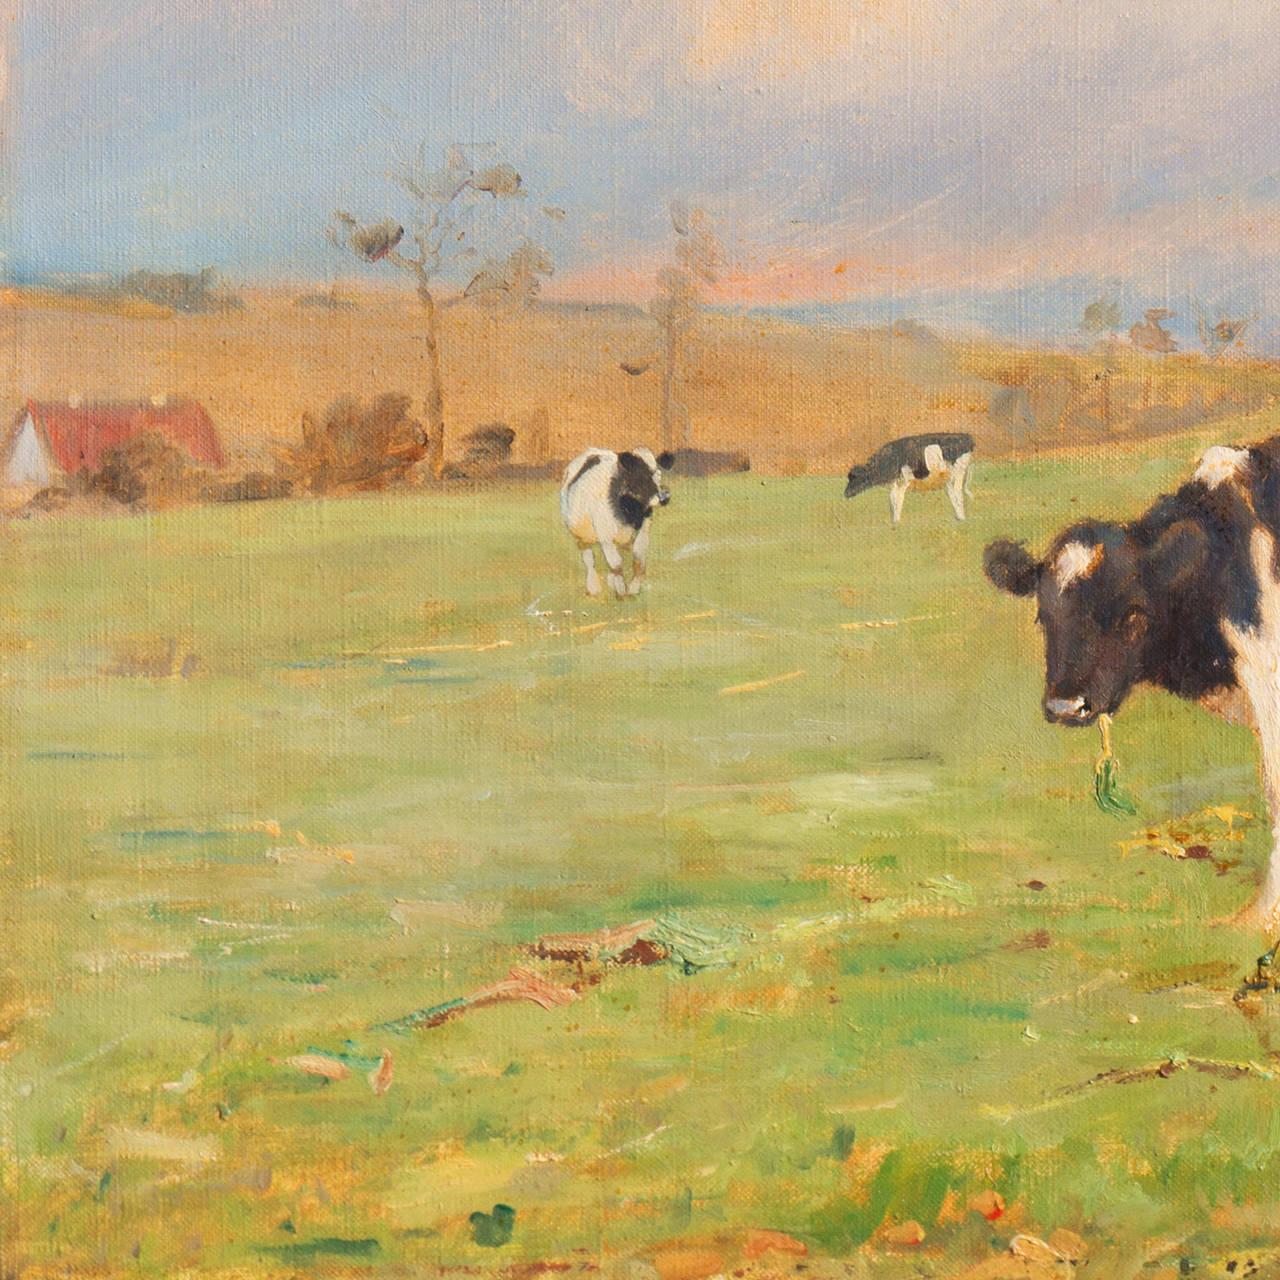 'Cattle at Pasture', Danish Impressionist Landscape oil, Paris, France  For Sale 1